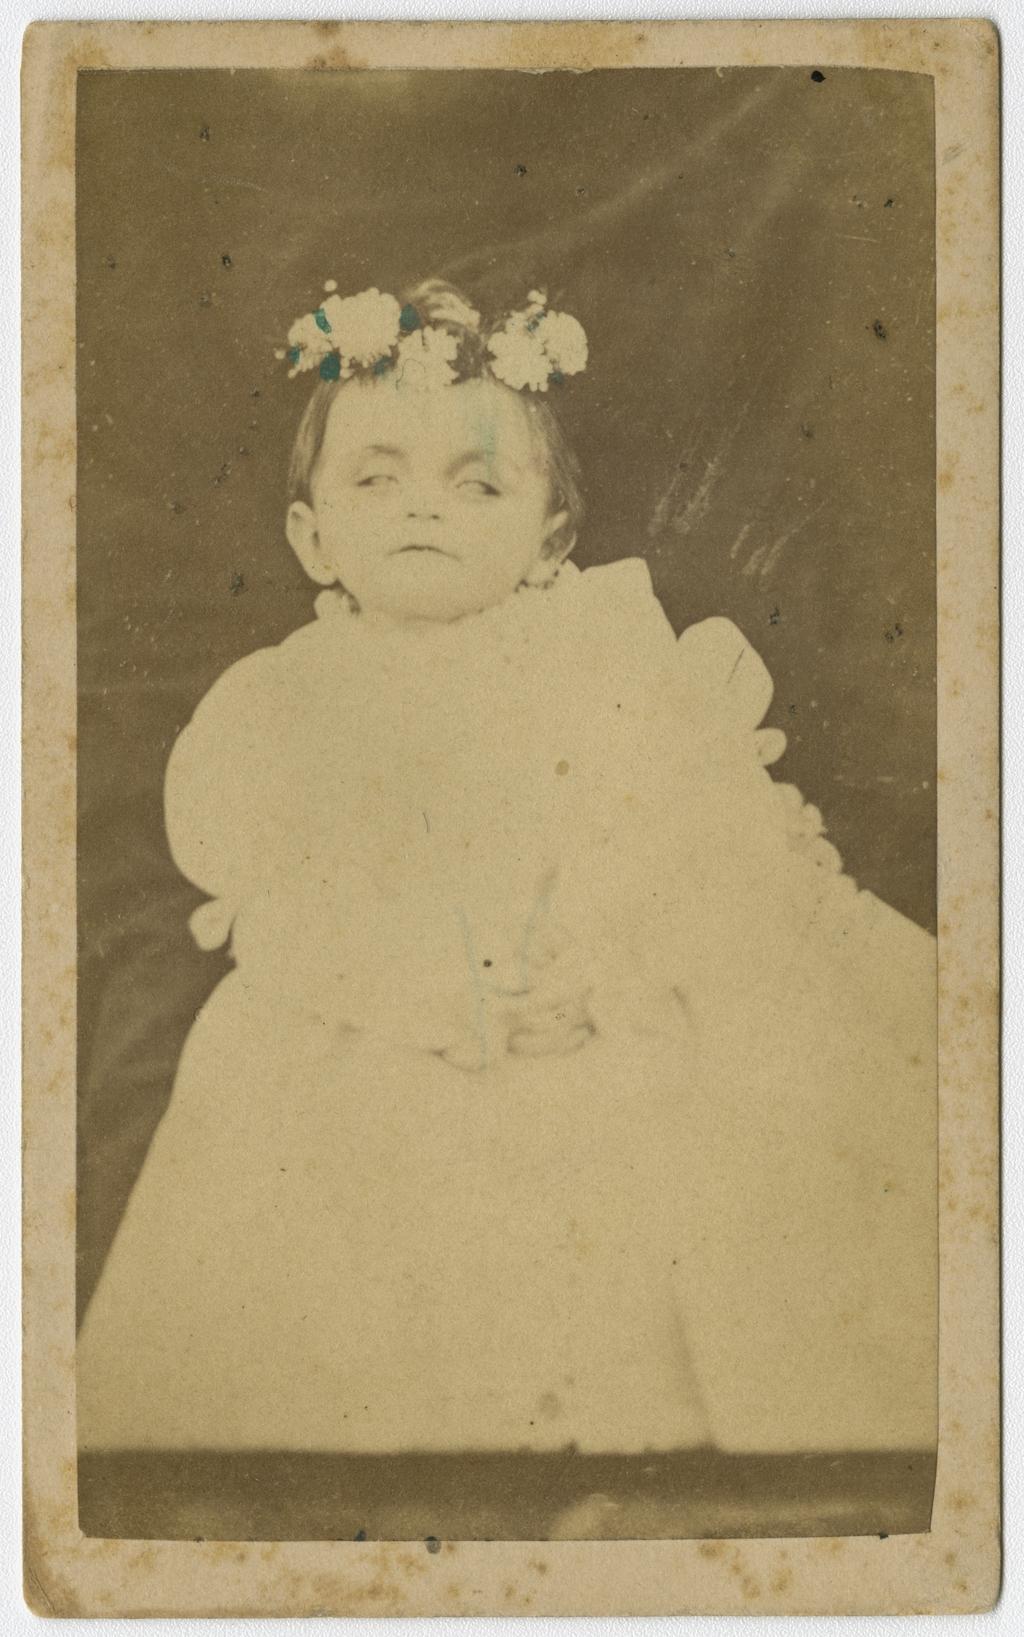 Portrait d'un bébé mort